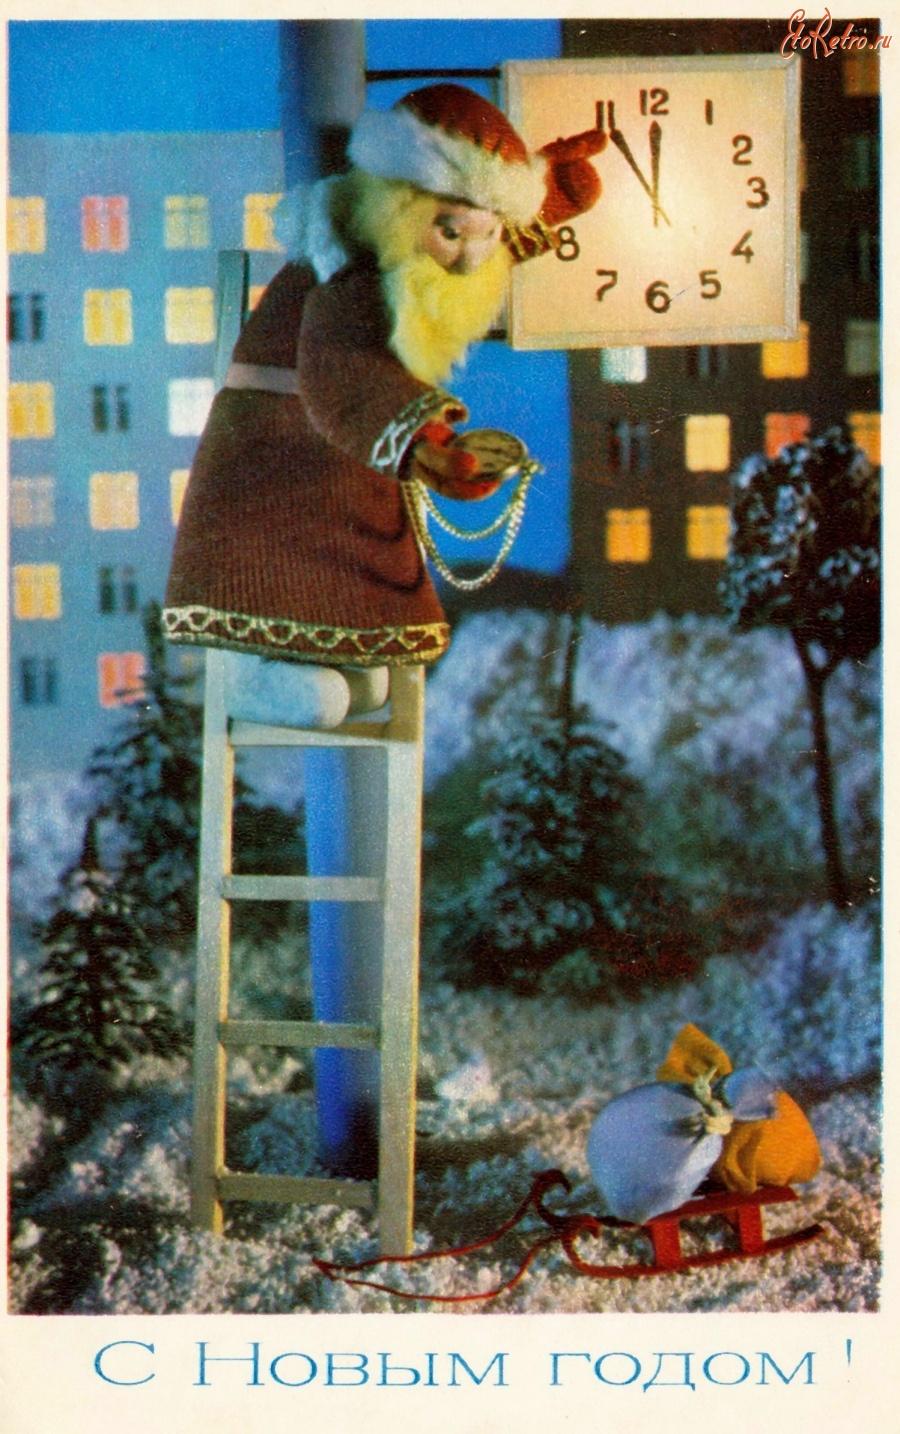 уверены, новогодние открытки художника поклад день рожденья пожелать